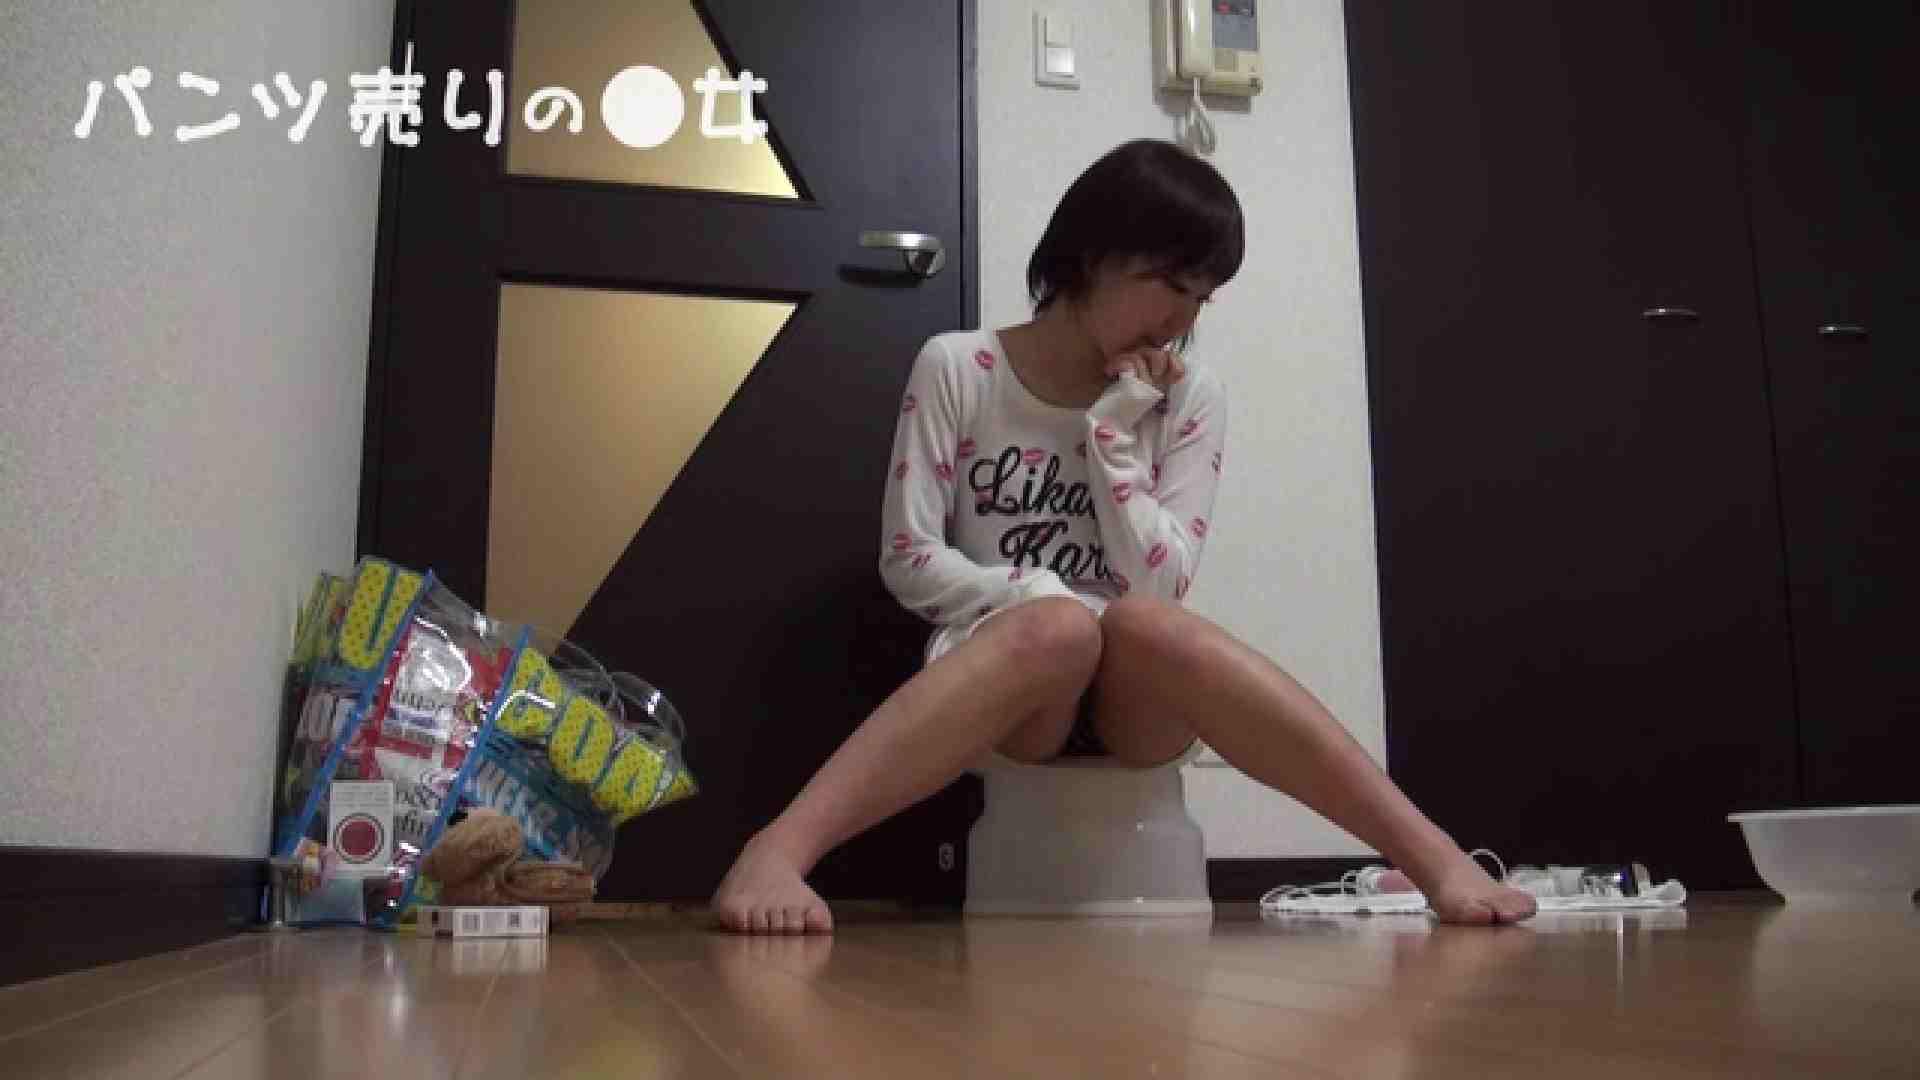 新説 パンツ売りの女の子nana 一般投稿  108枚 60